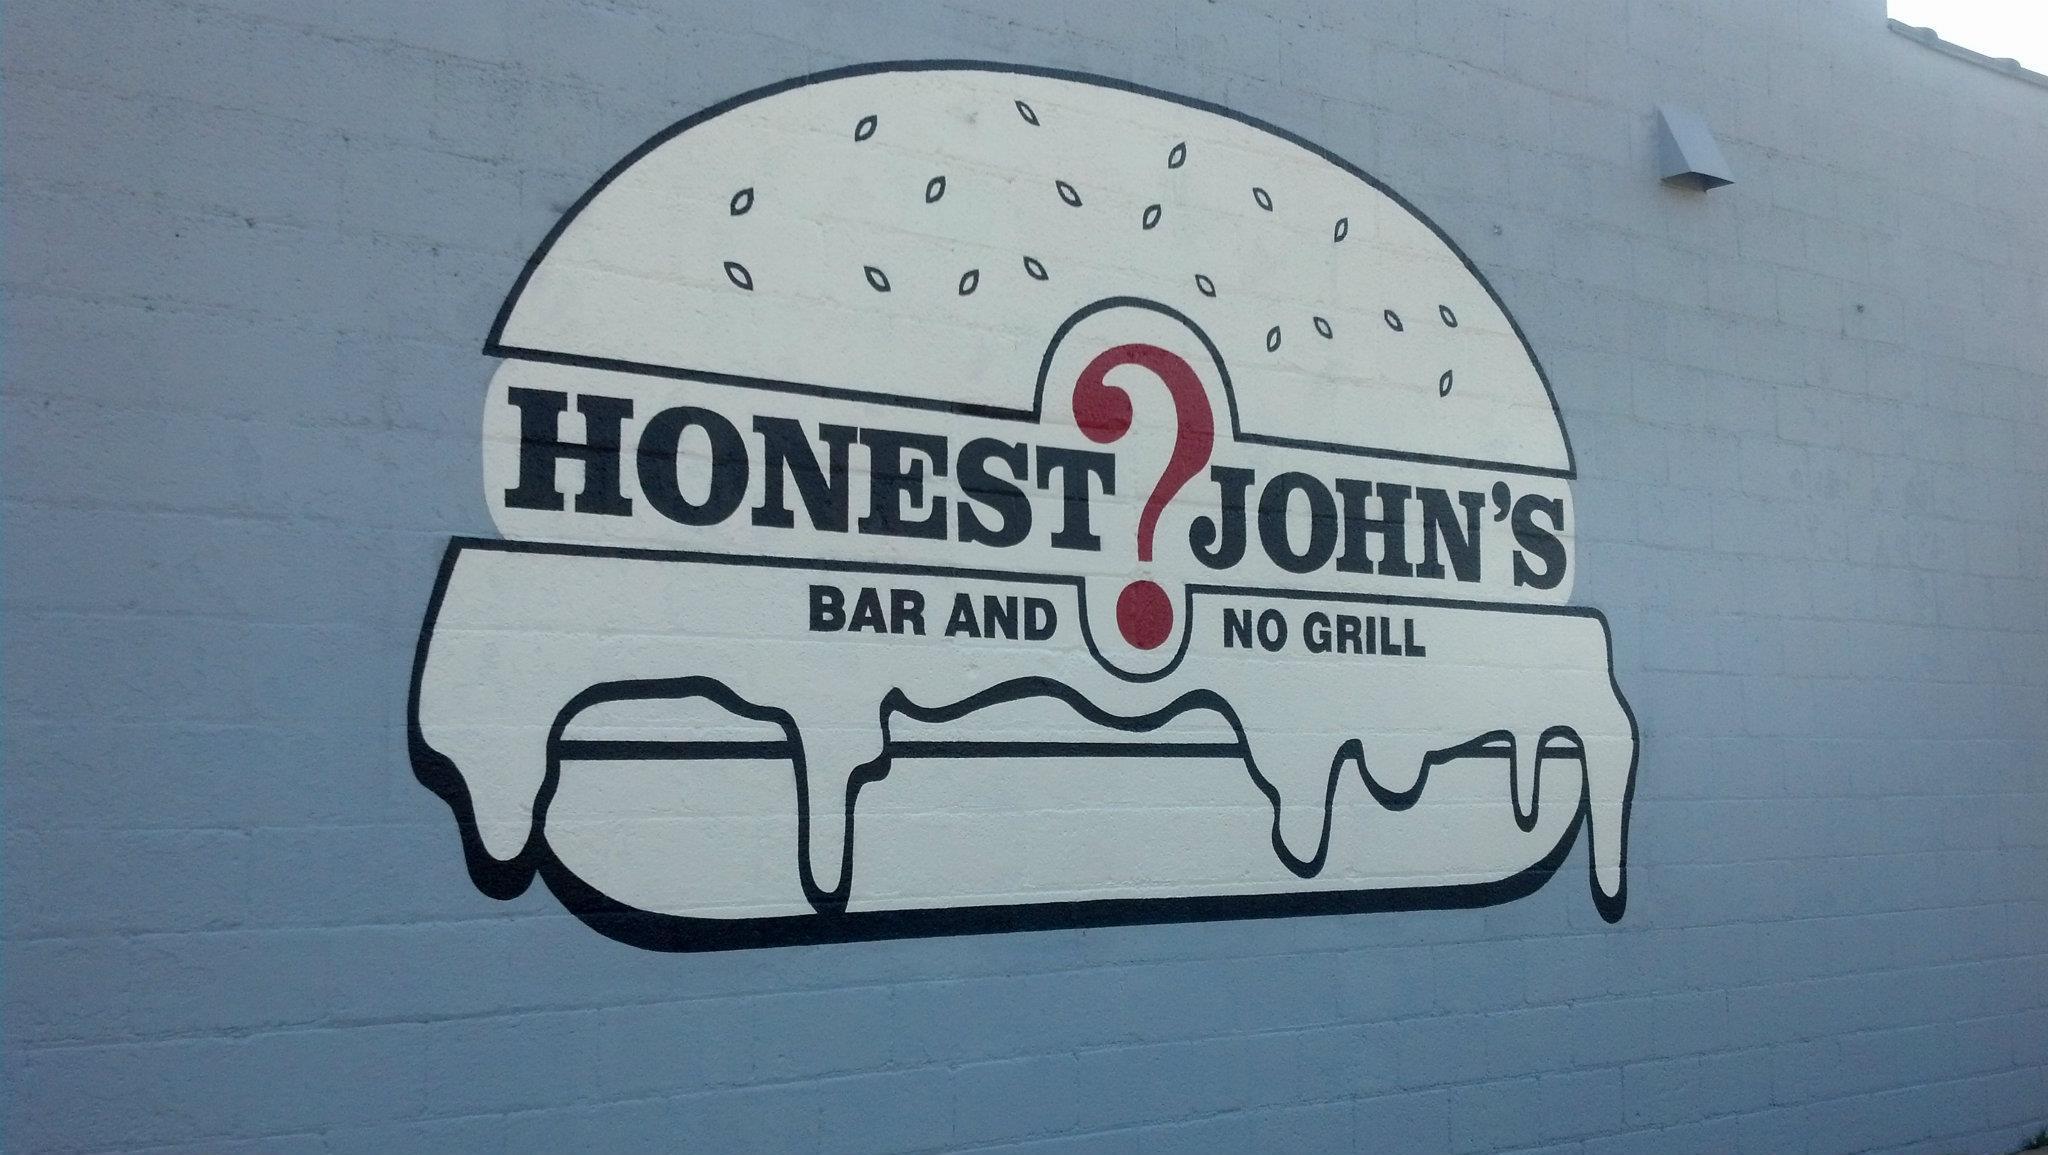 Honest John's.